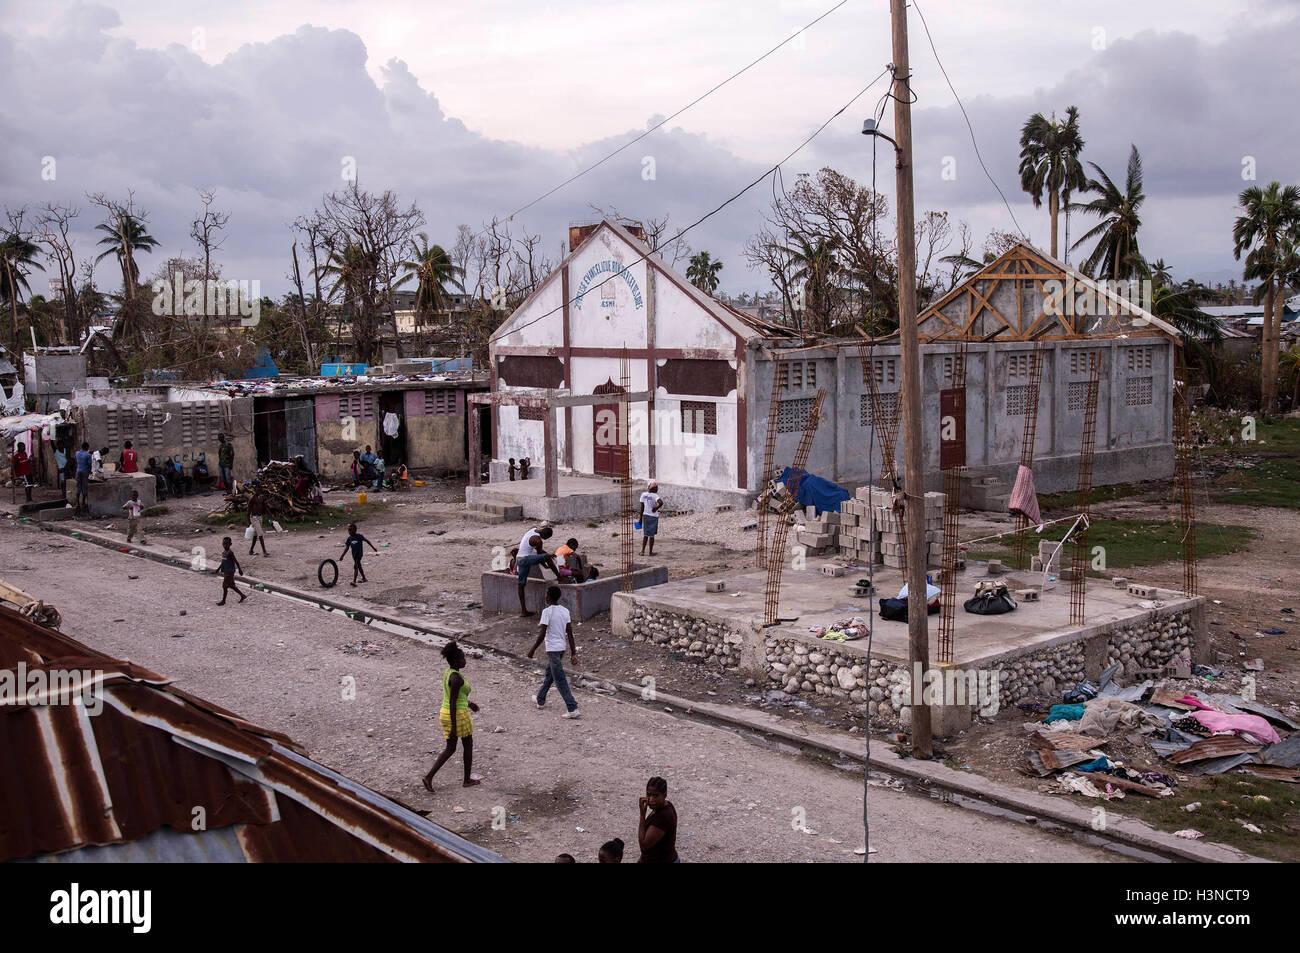 Les Cayes, Haití. 9 Oct, 2016. Imagen proporcionada por el Fondo de las Naciones Unidas para la Infancia (UNICEF) Imagen De Stock